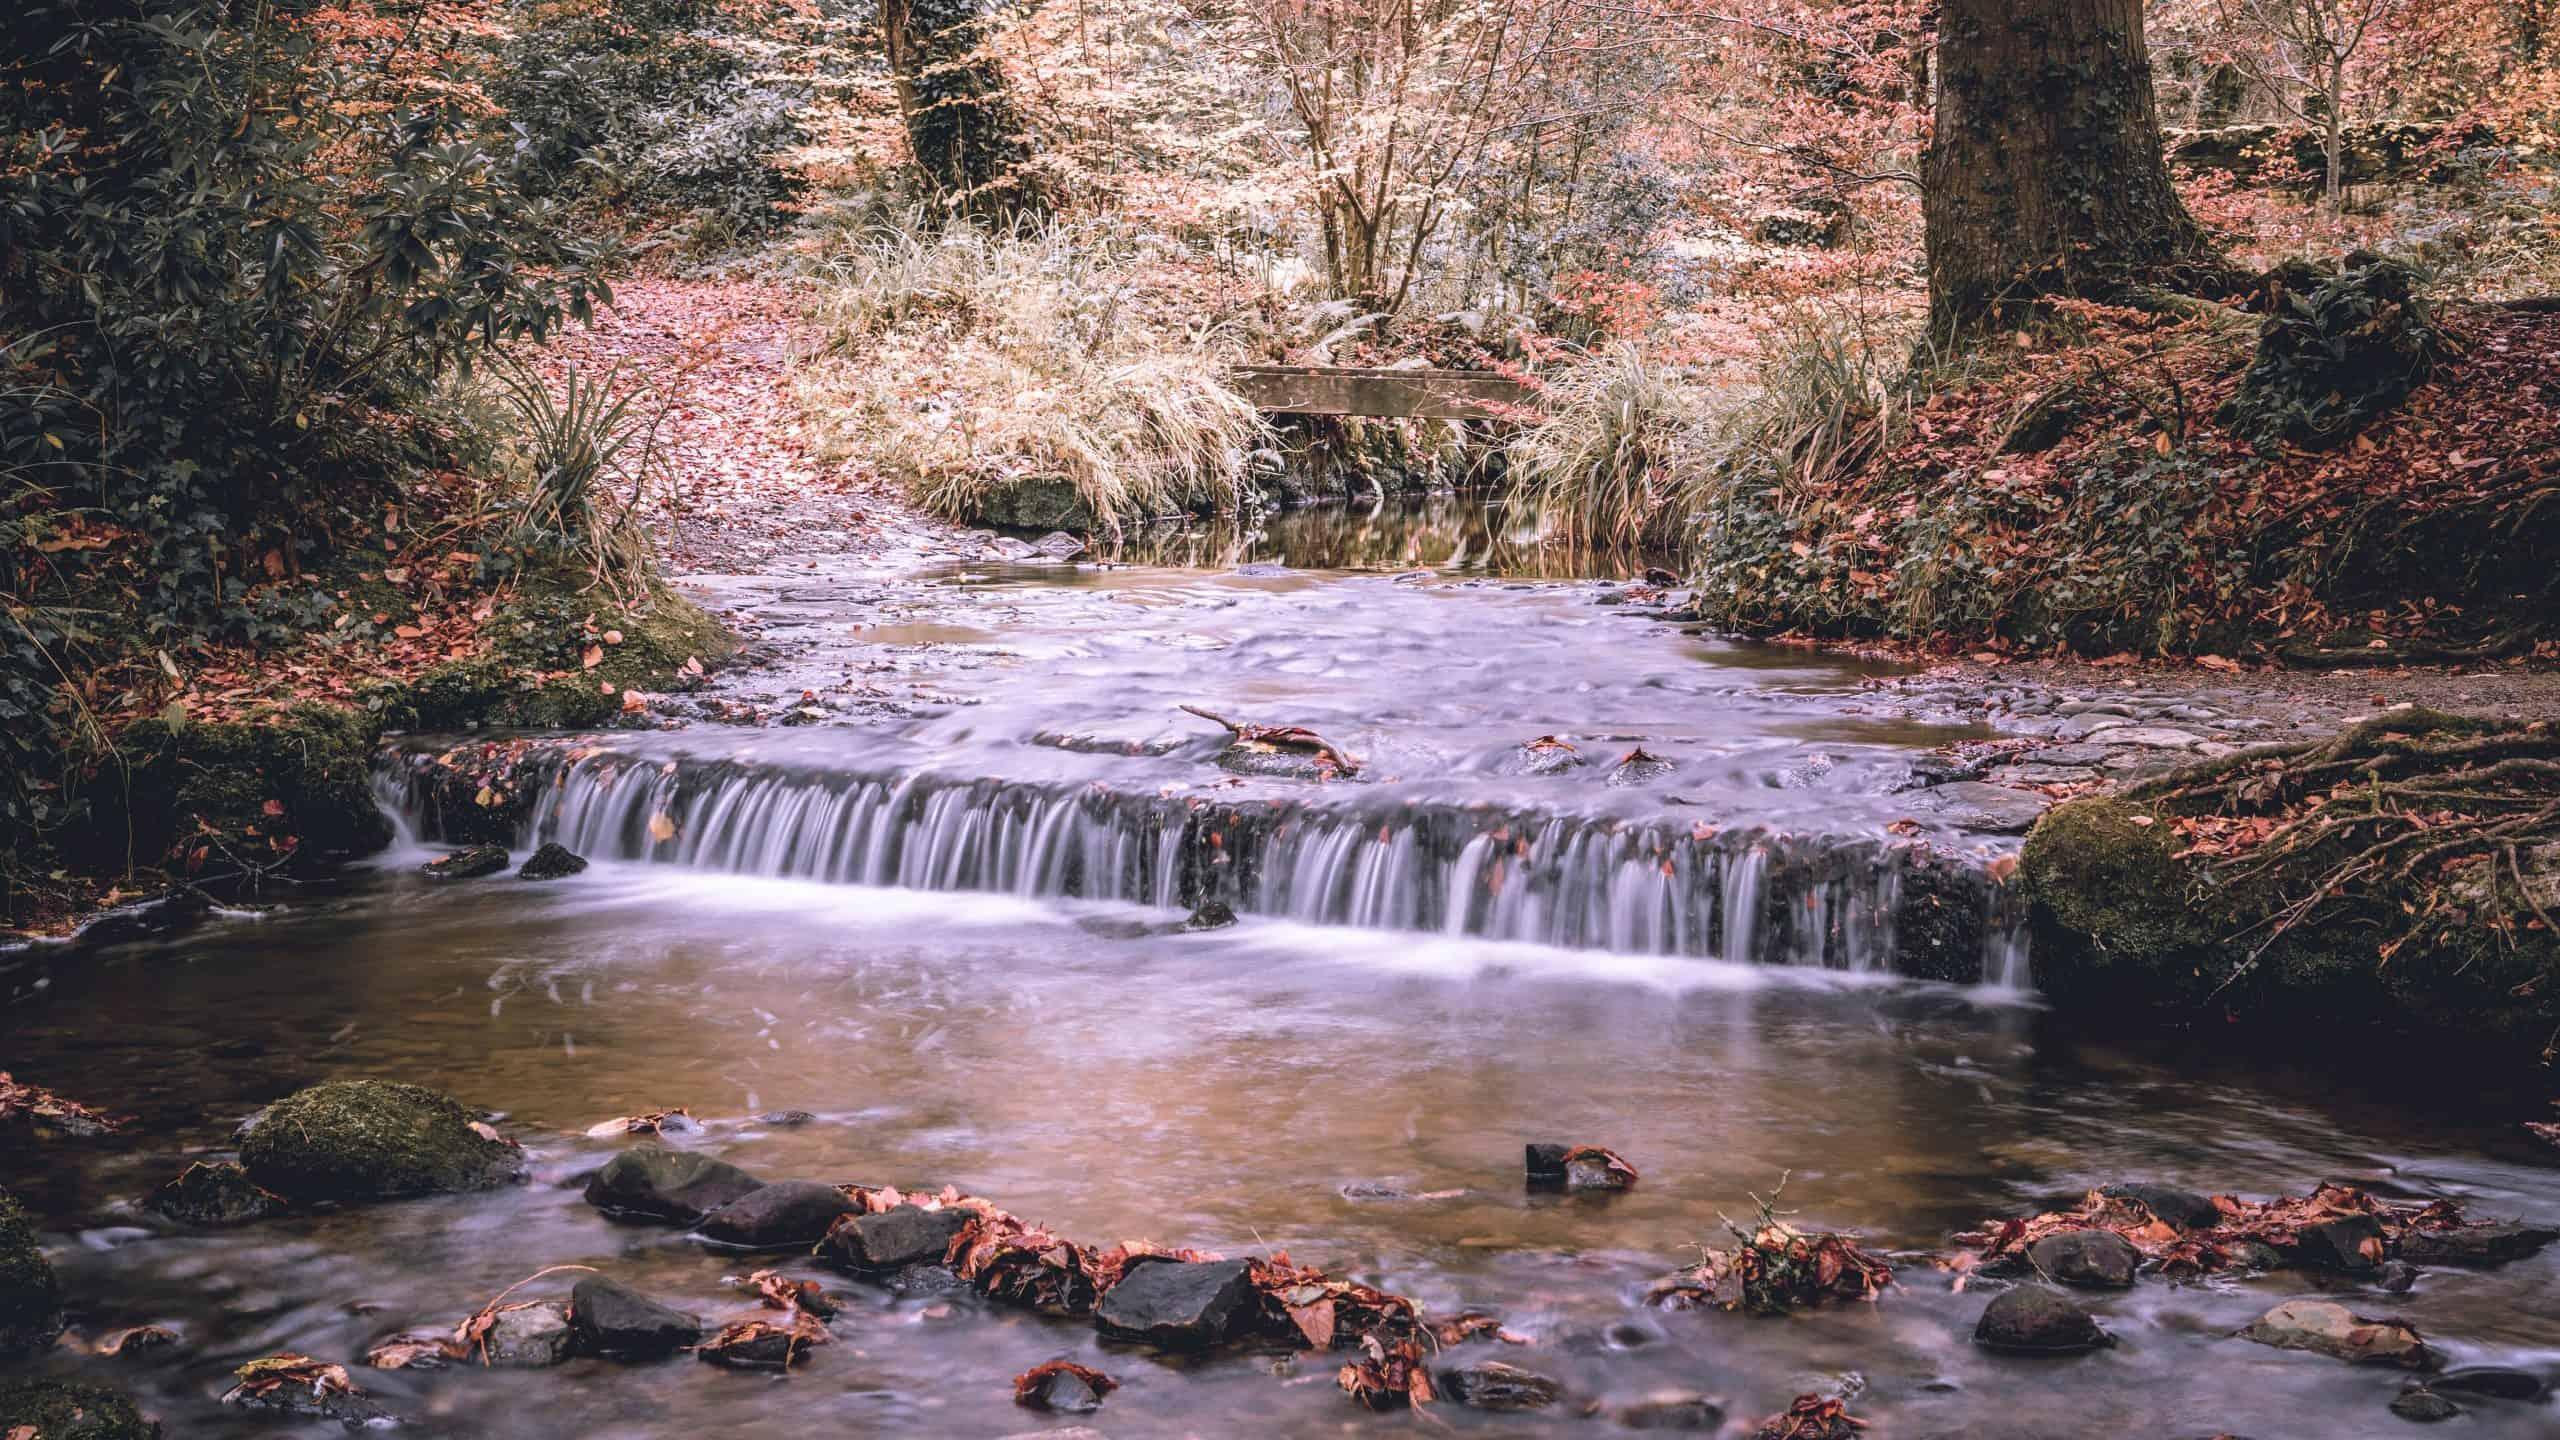 Autumn in Enniskillen